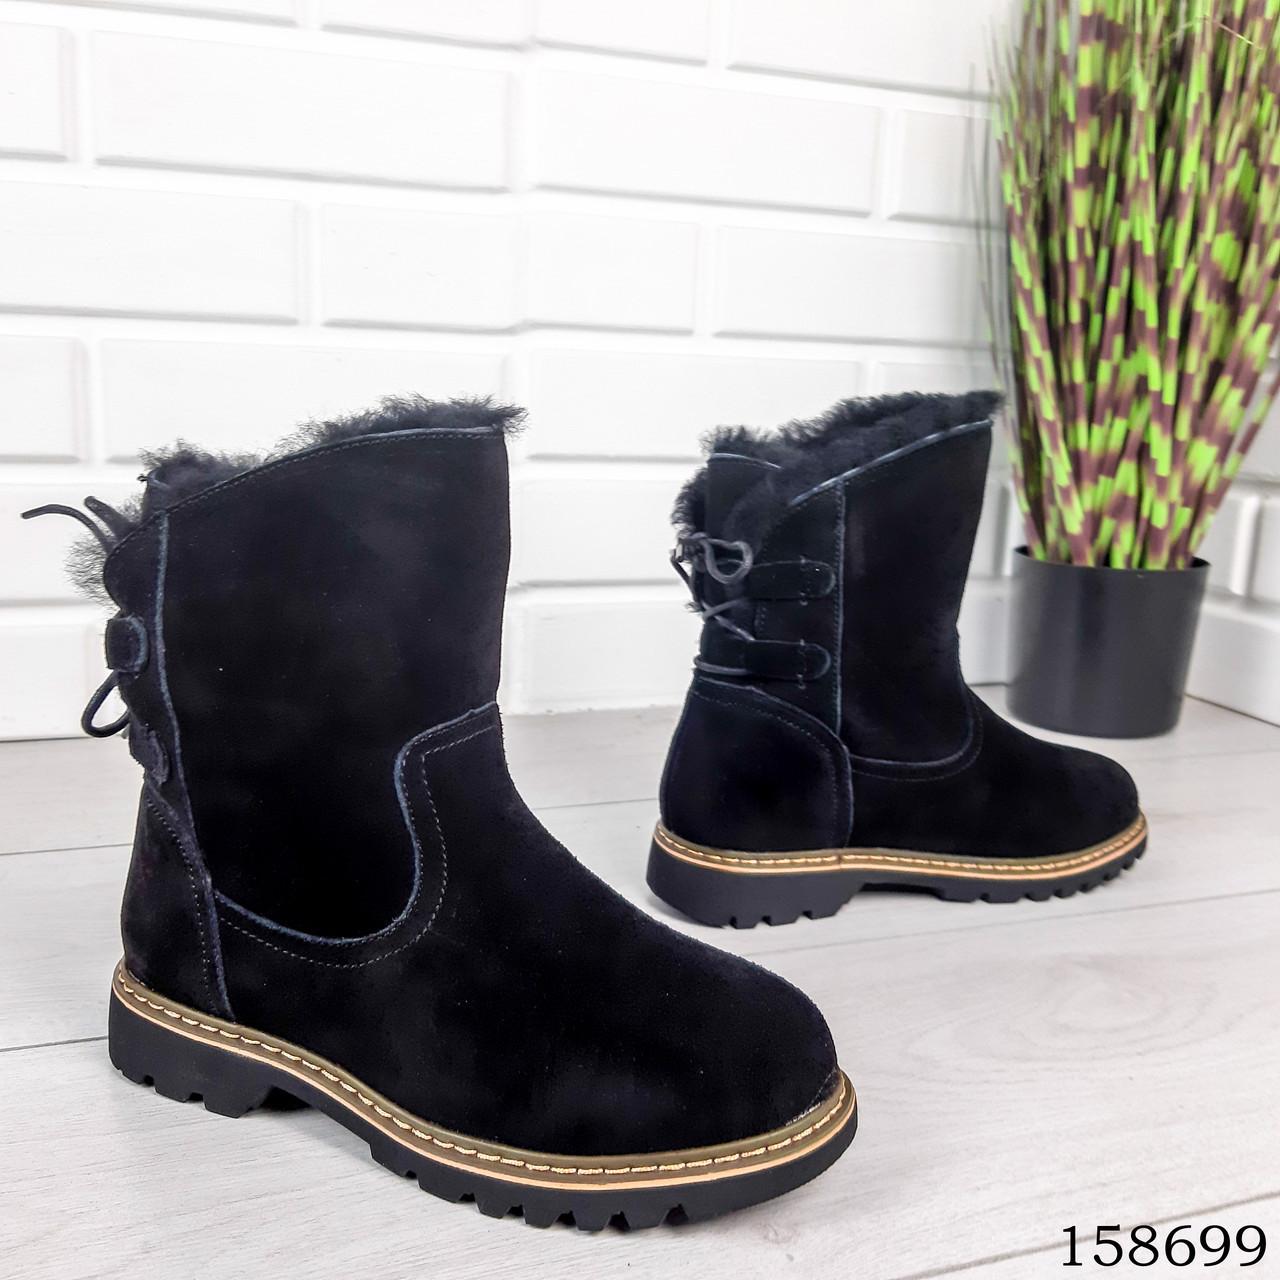 Женские ботинки зимние черного цвета из натуральной замши